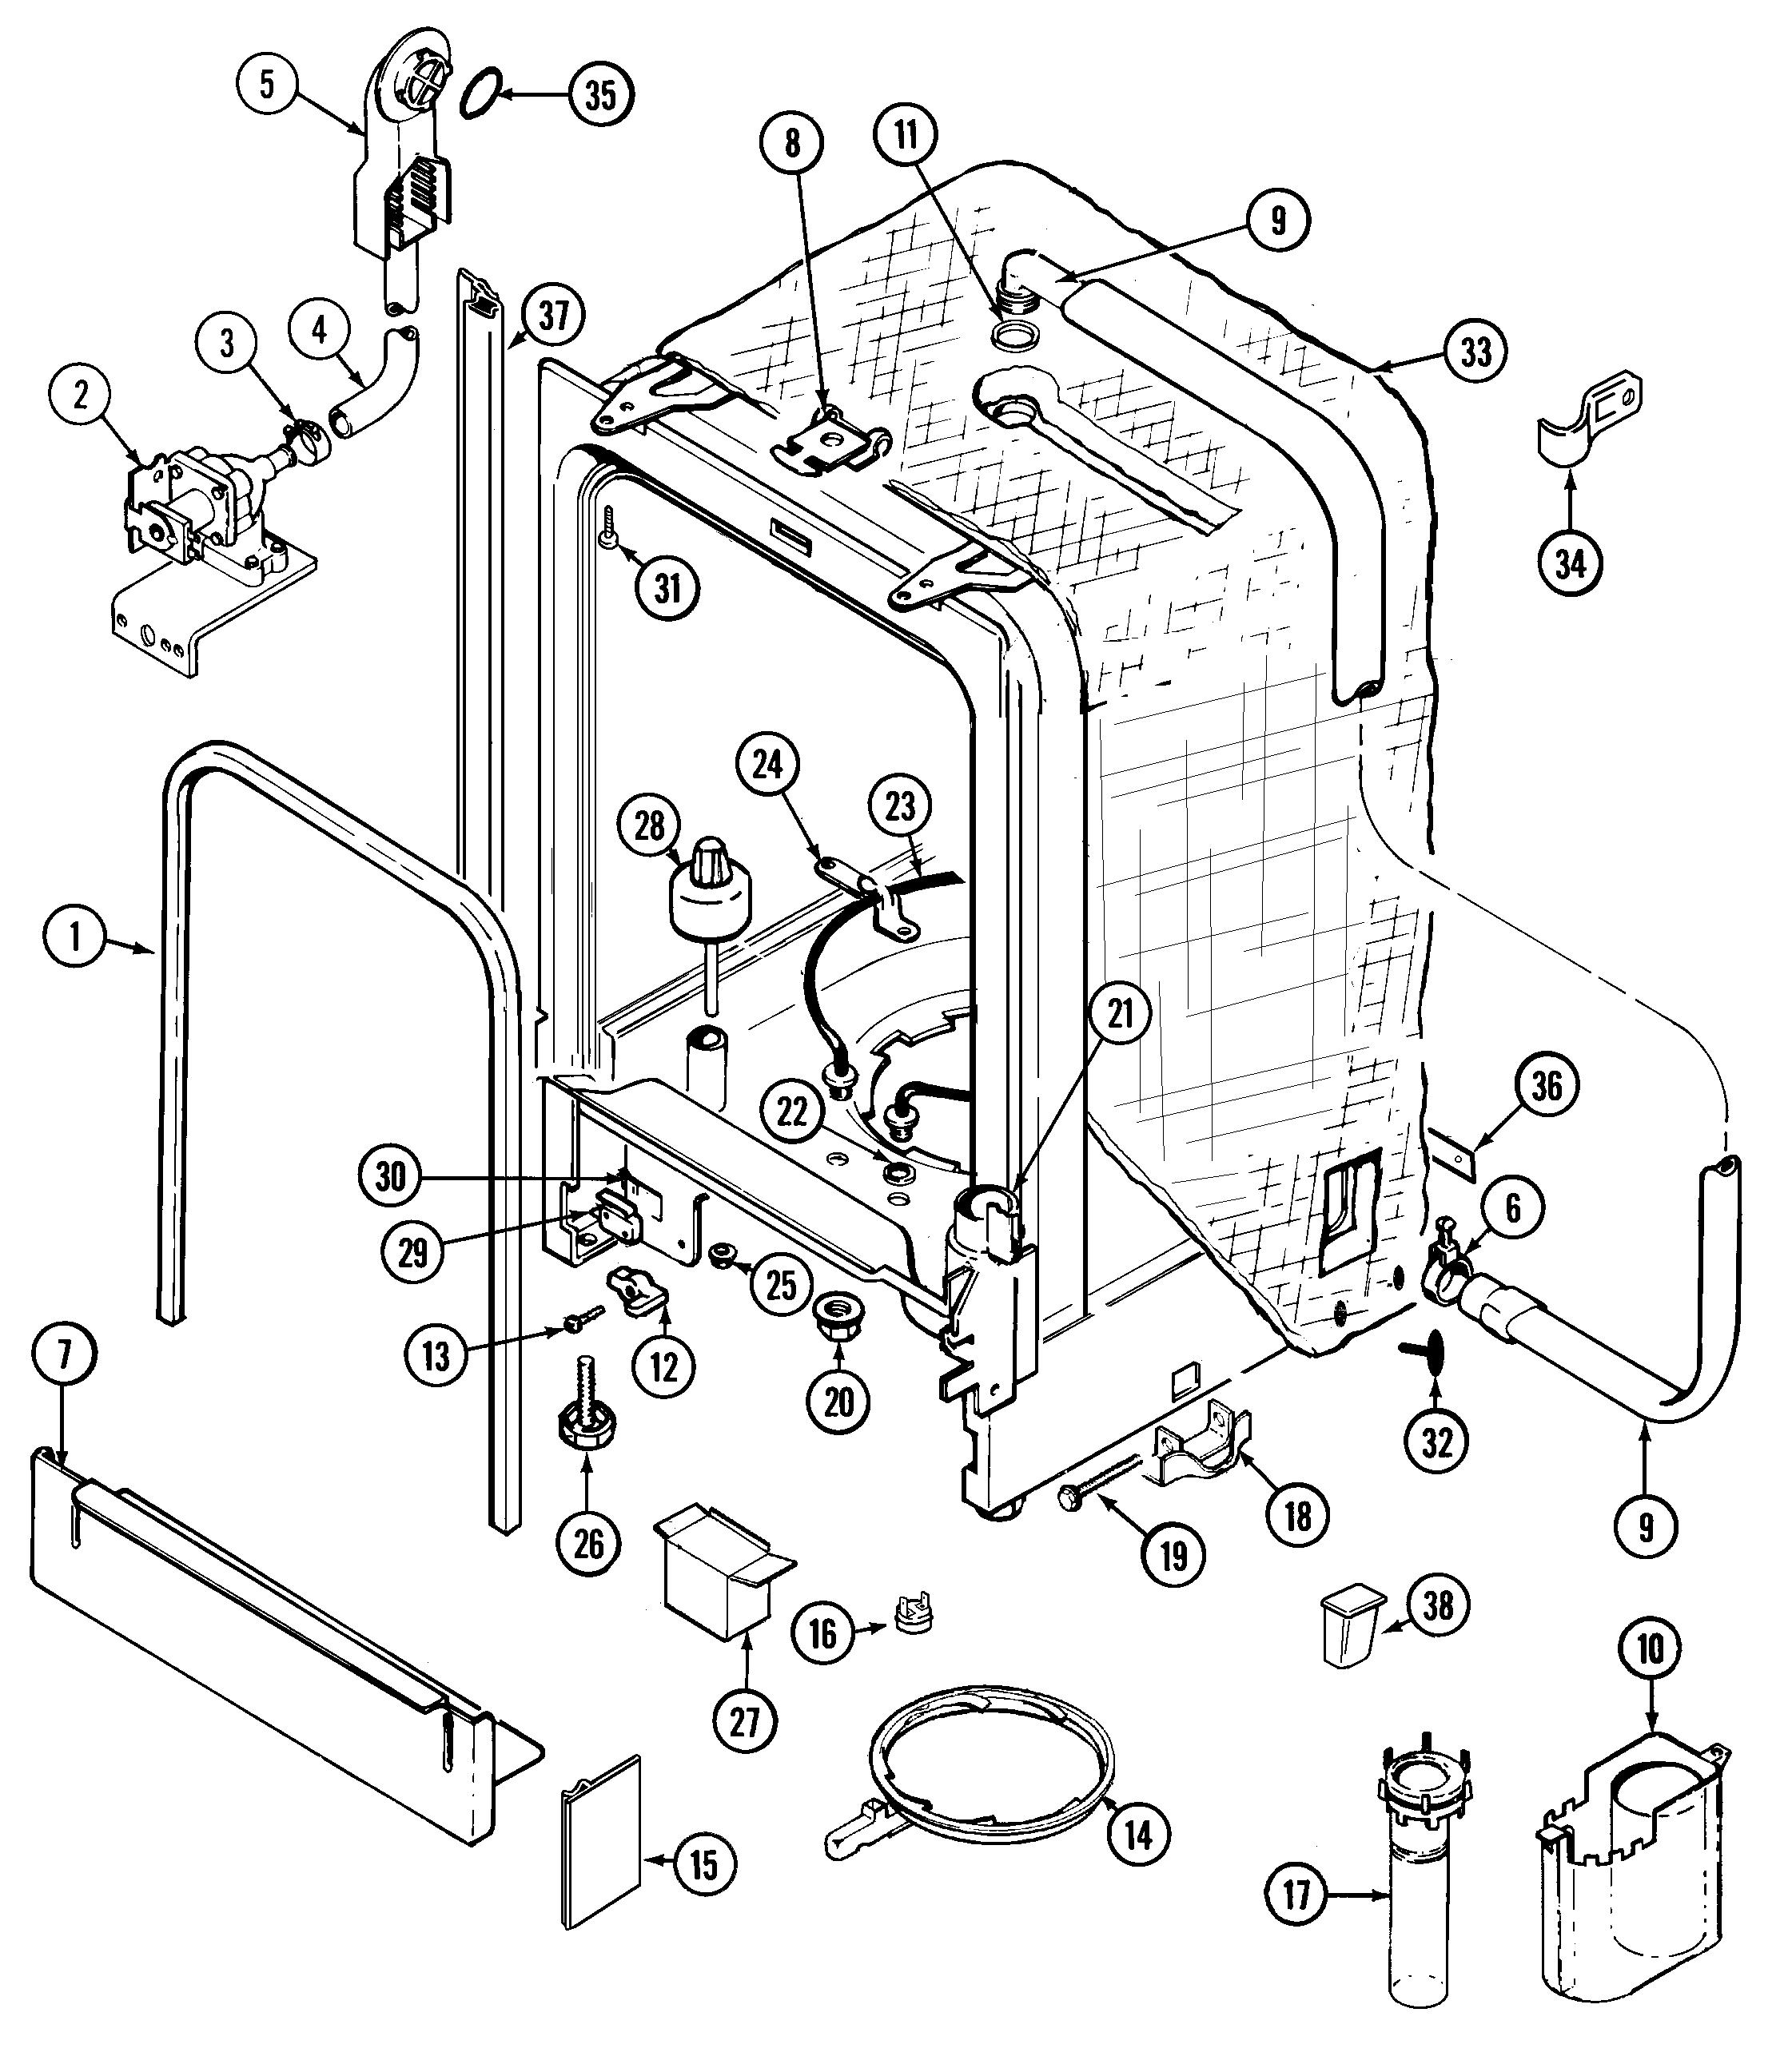 whirlpool dishwasher wiring diagram download